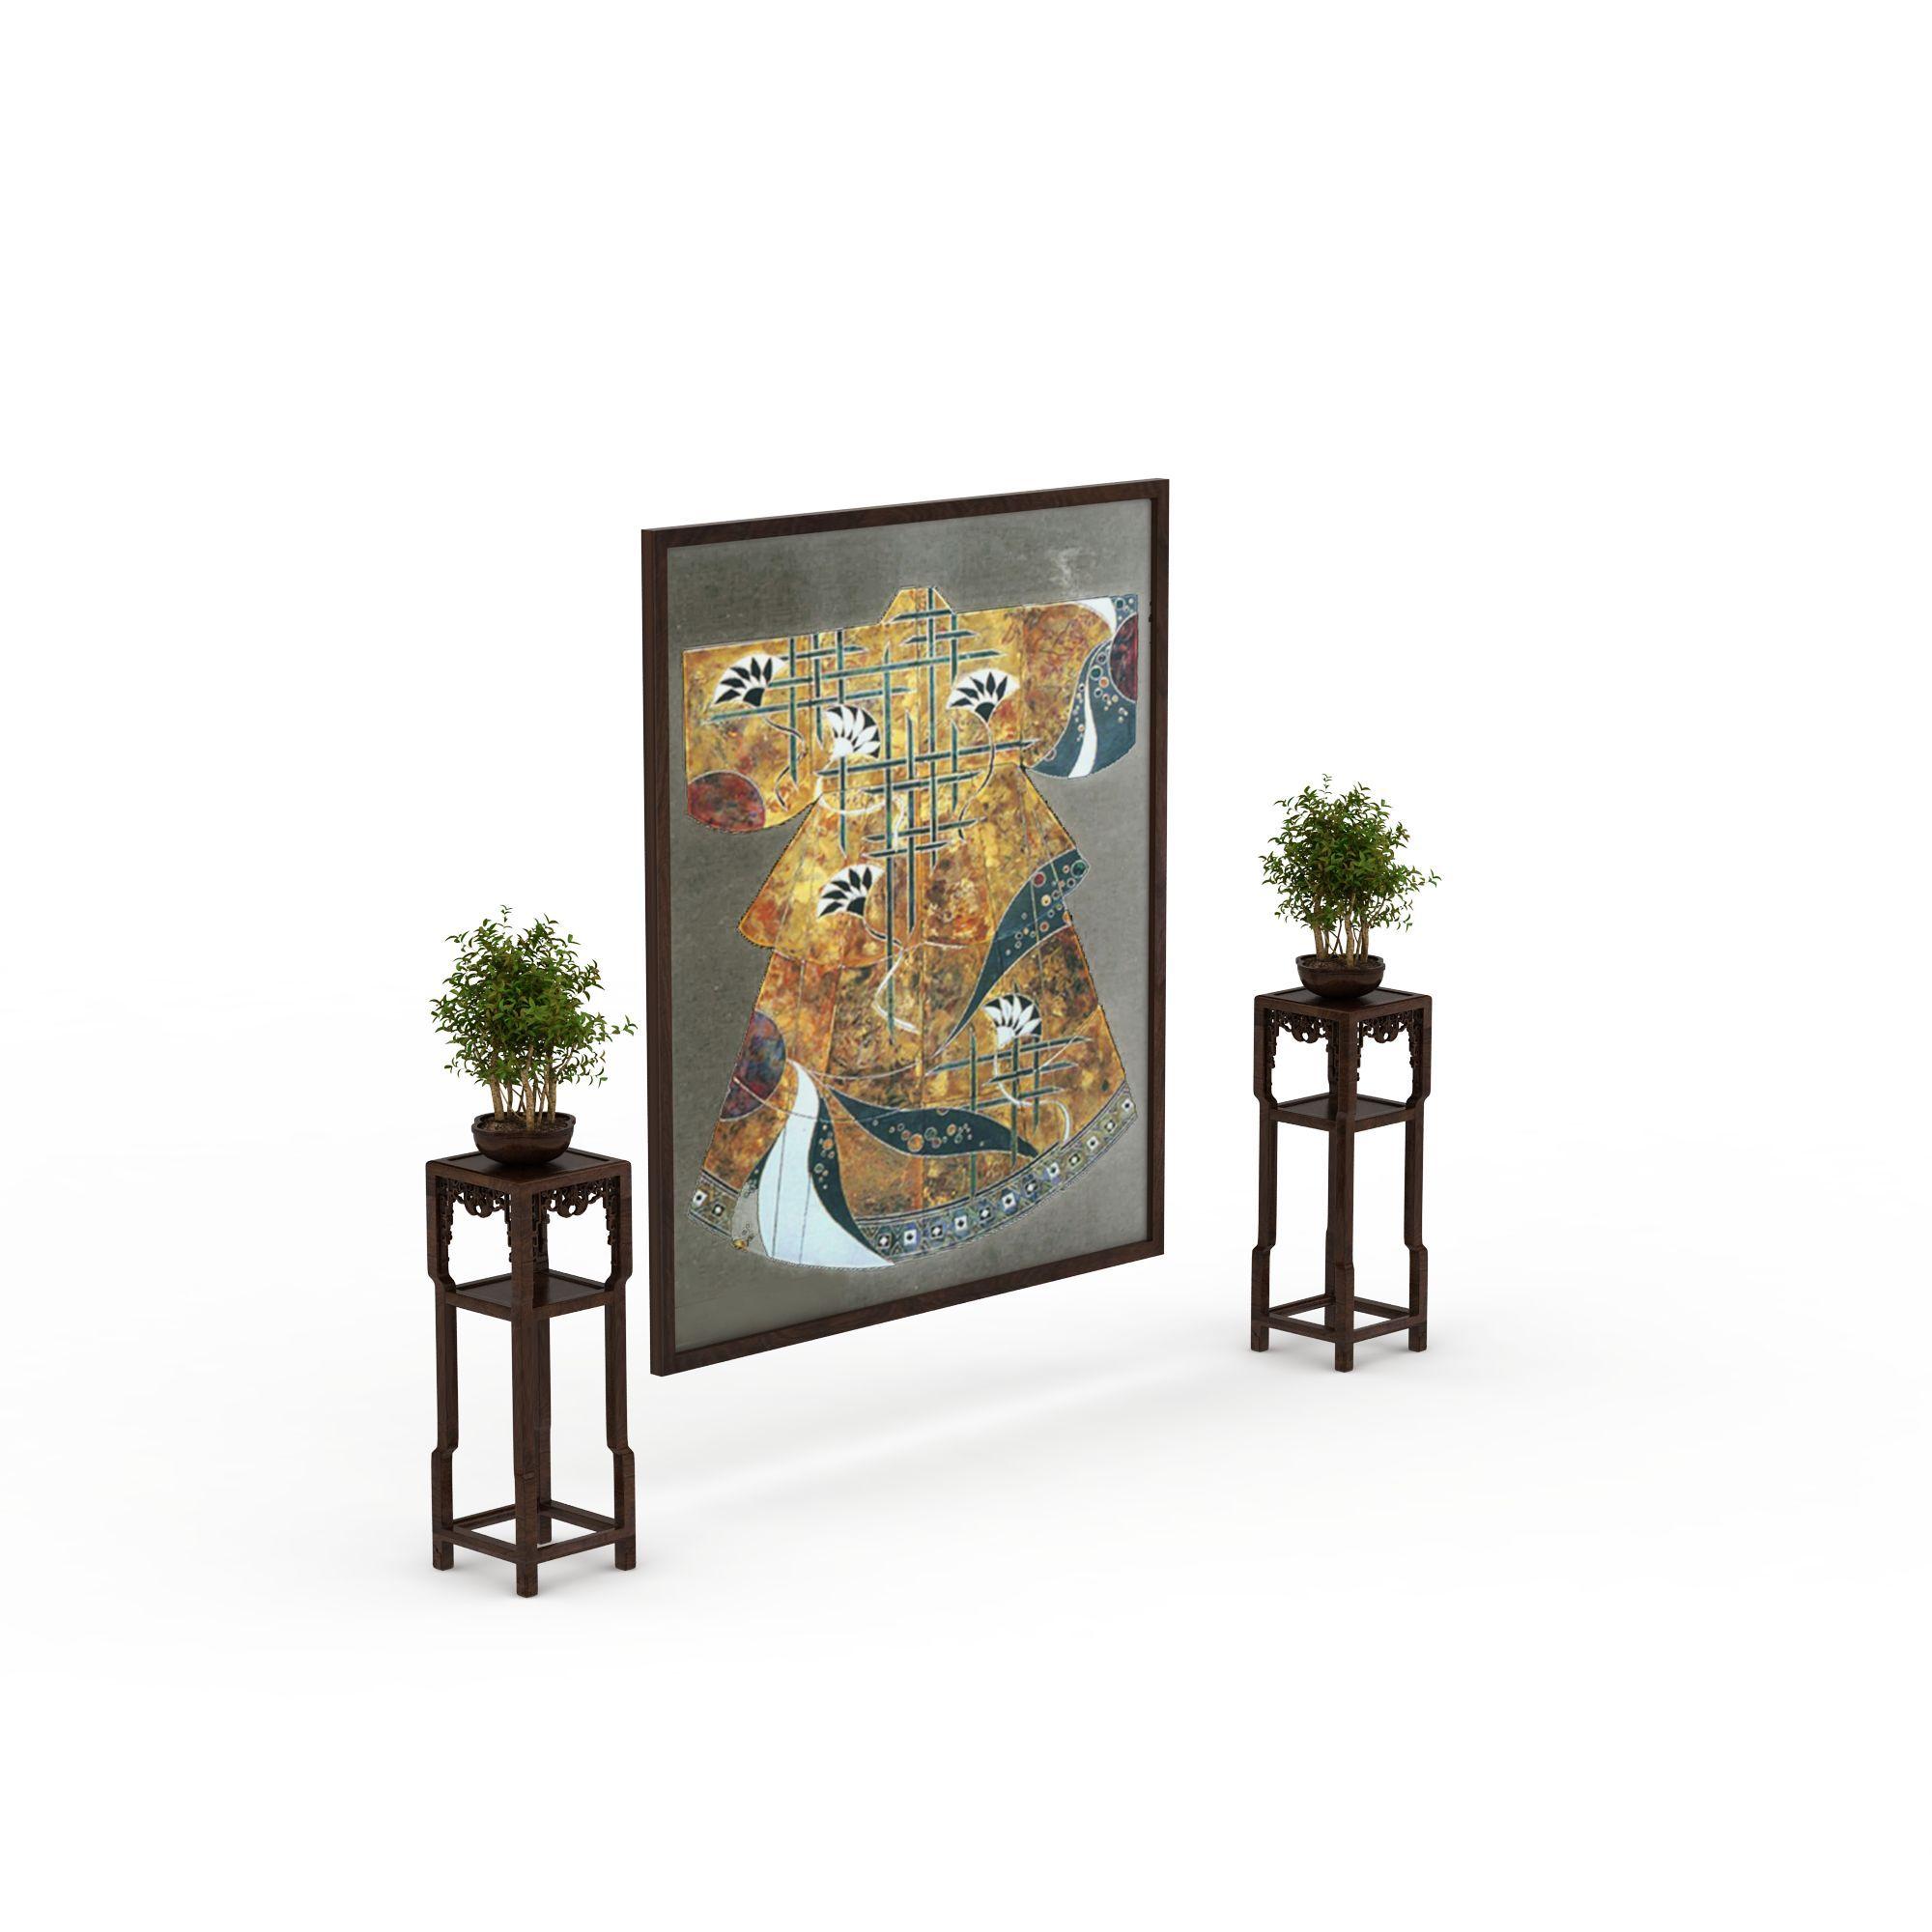 新中式花架图片_新中式花架png图片素材_新中式花架图图片